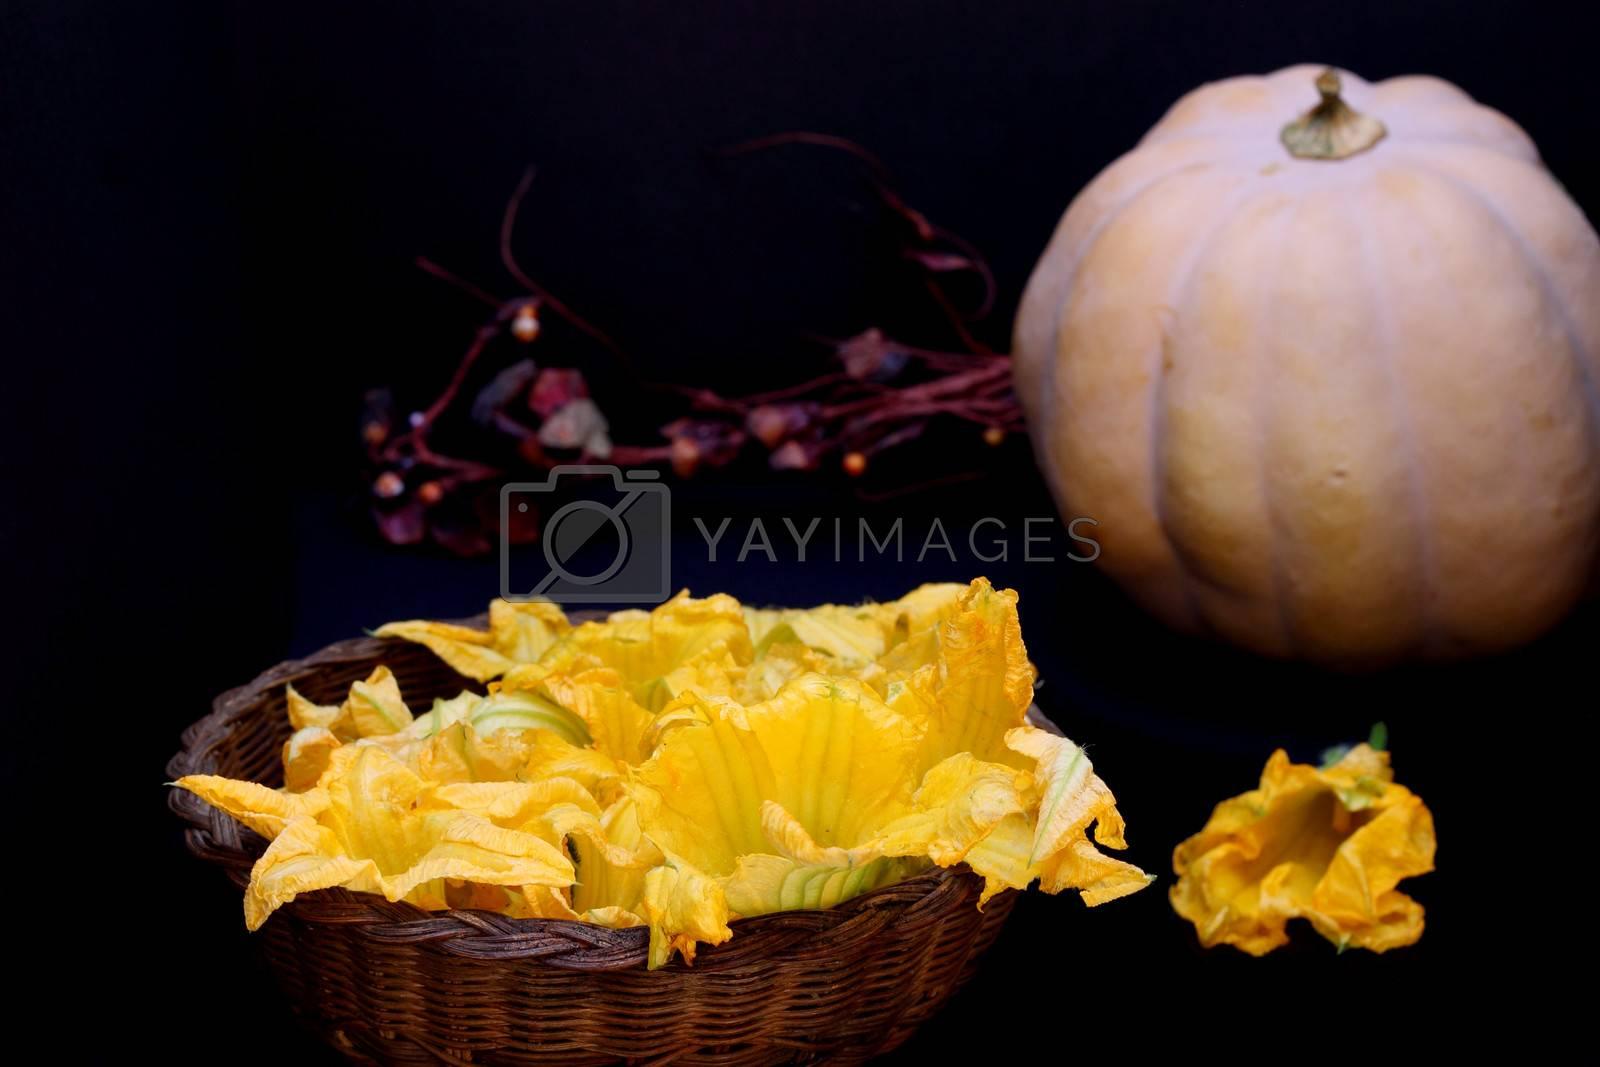 Pumpkin flowers and pumpkin on dark background